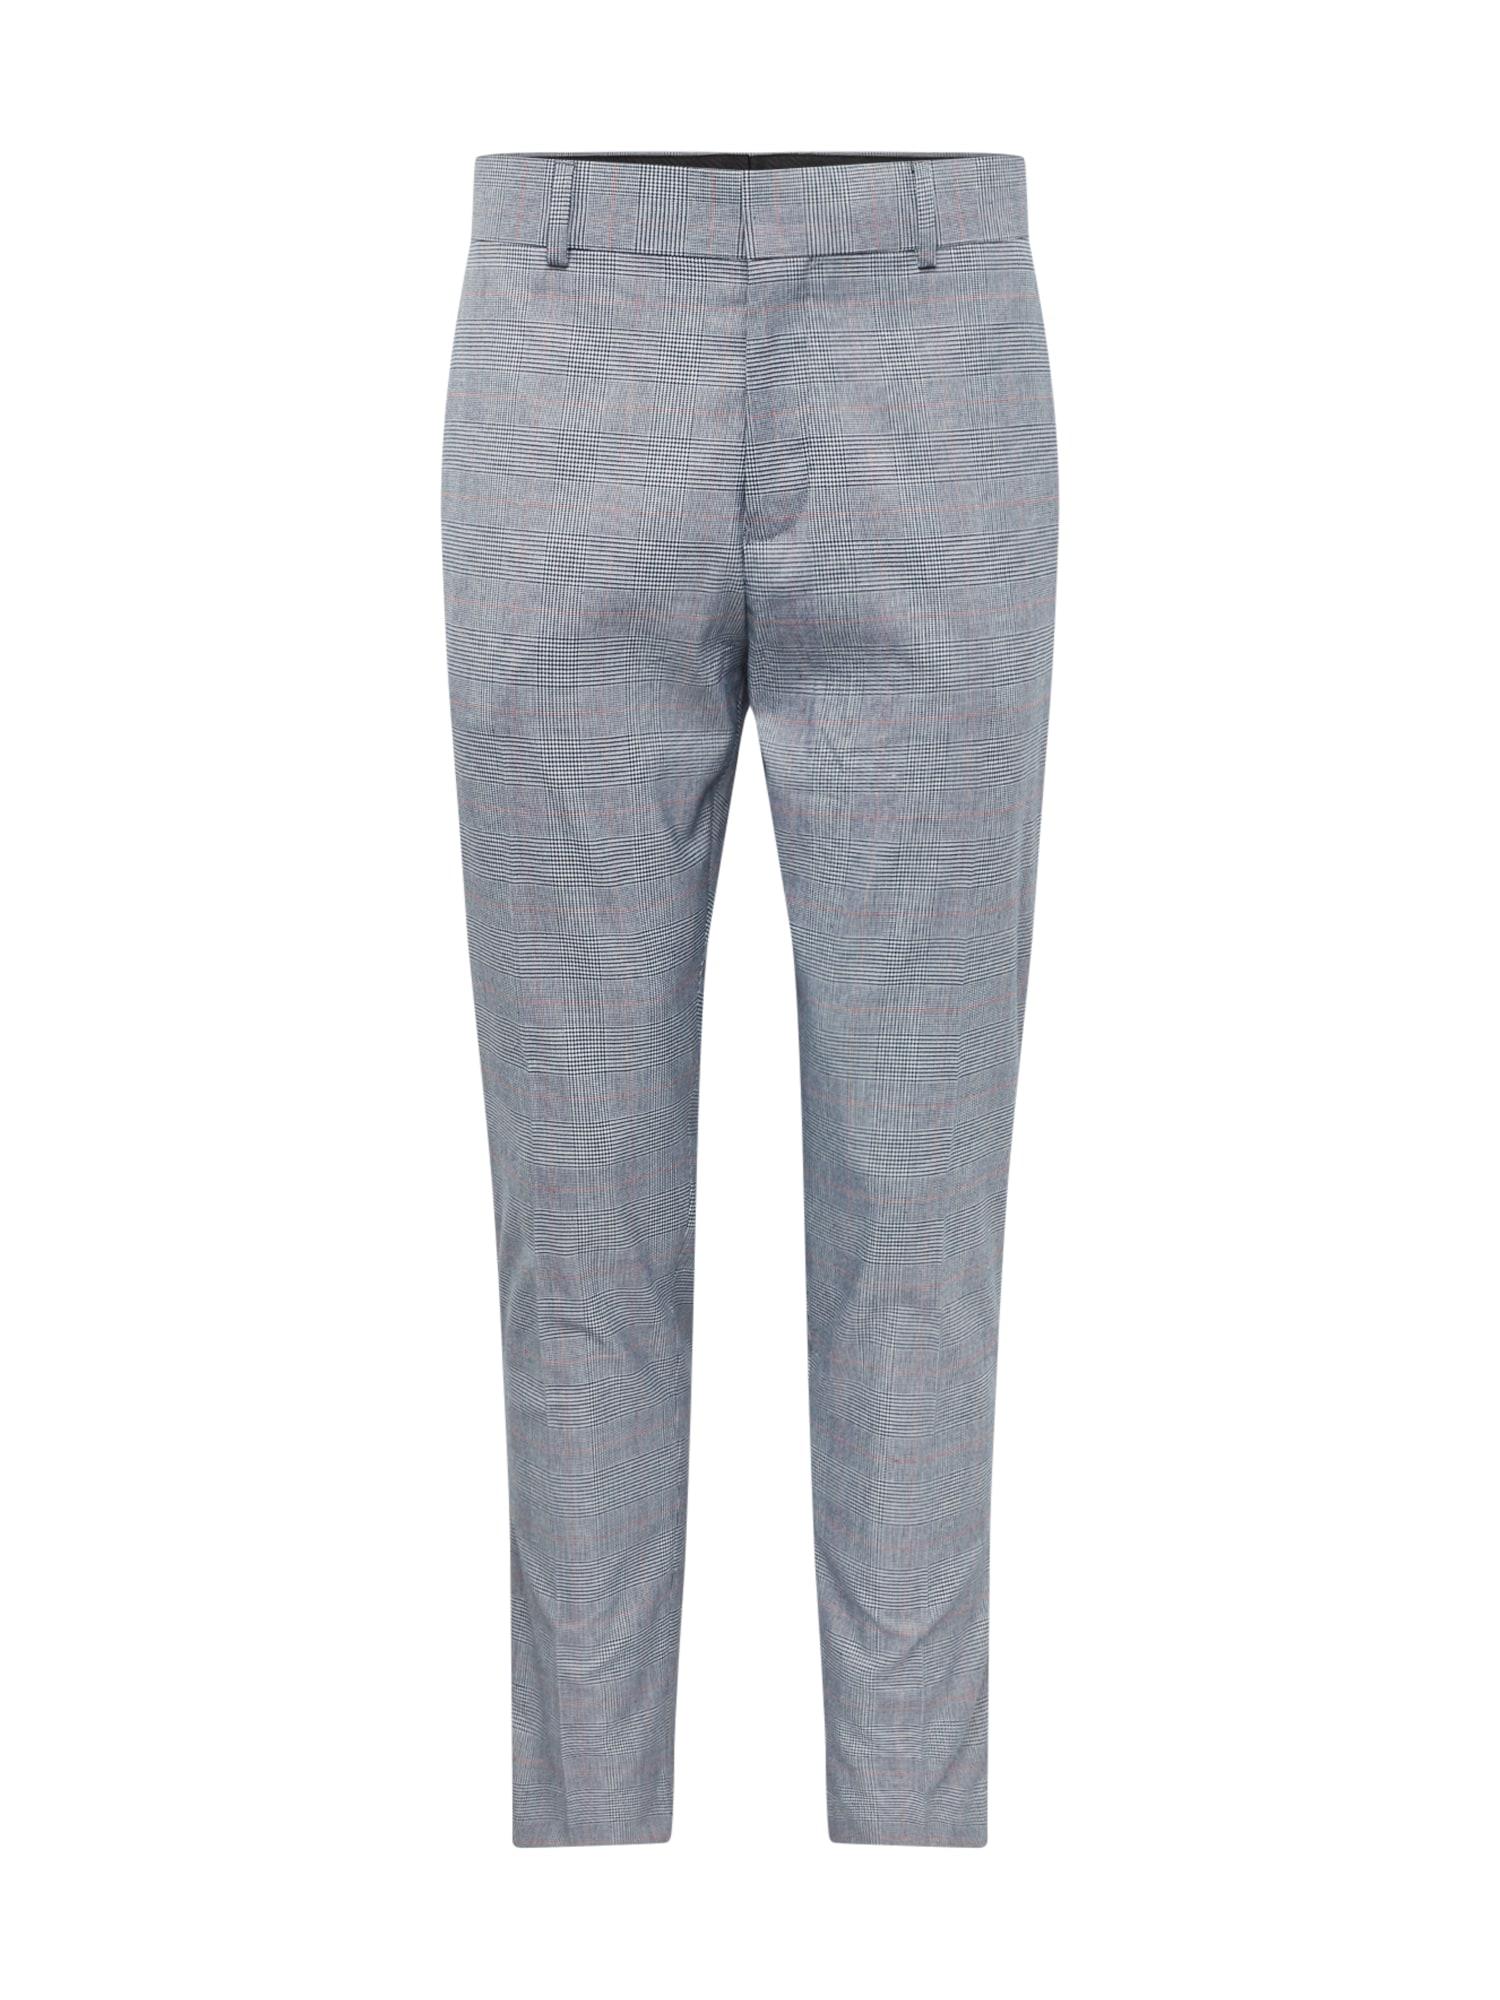 Kalhoty GERHARD šedá černá bílá Only & Sons